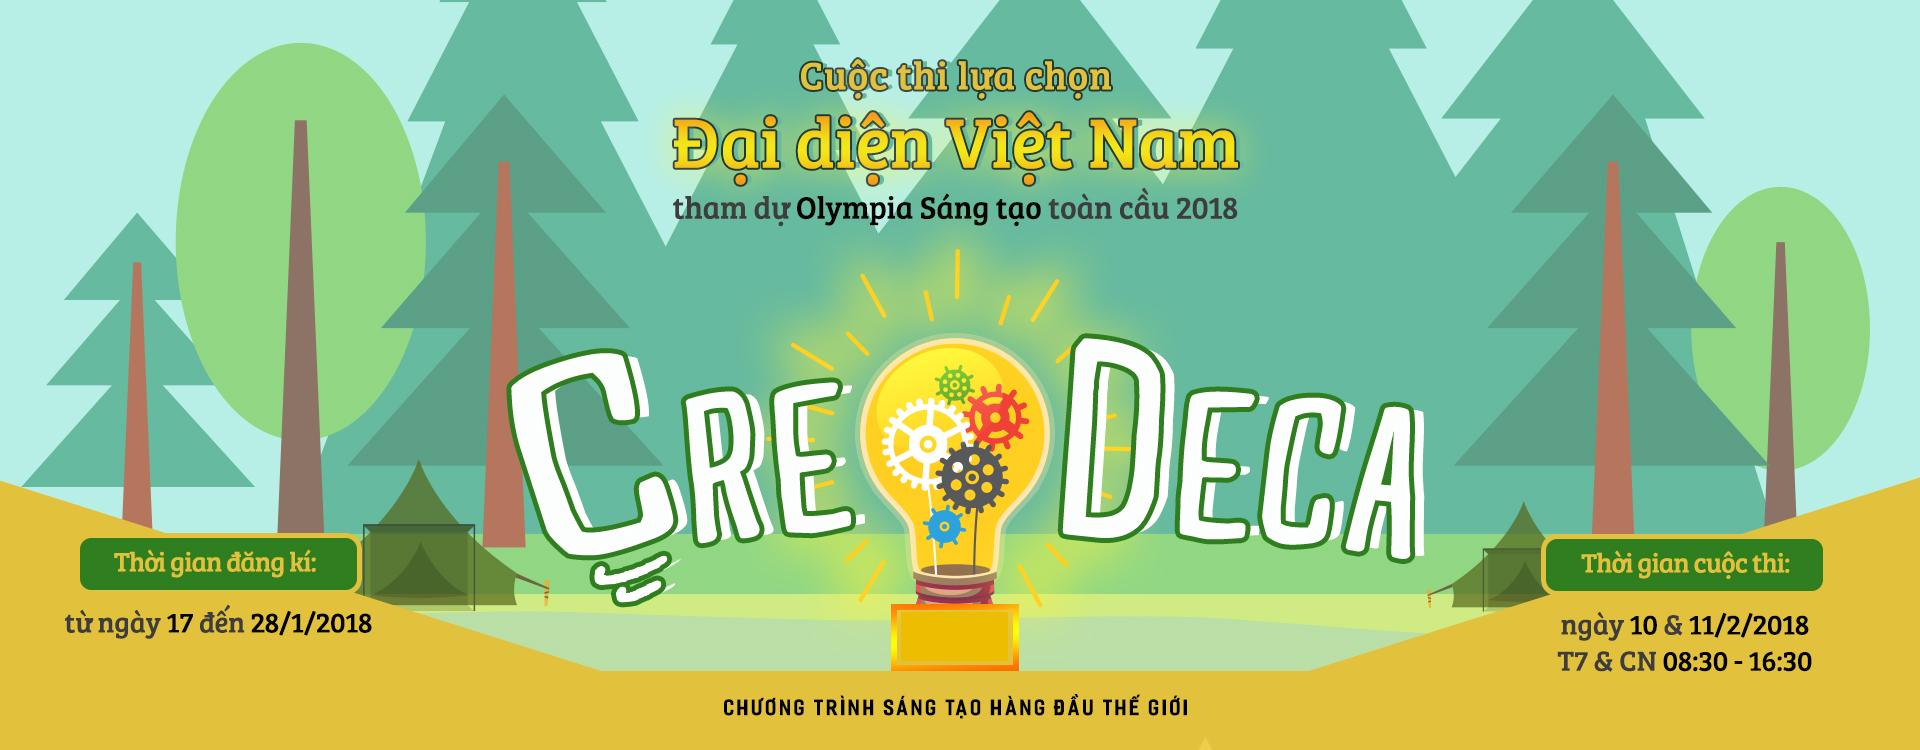 CUỘC THI SÁNG TẠO KHOA HỌC TOÀN CẦU - CREDECA 2018